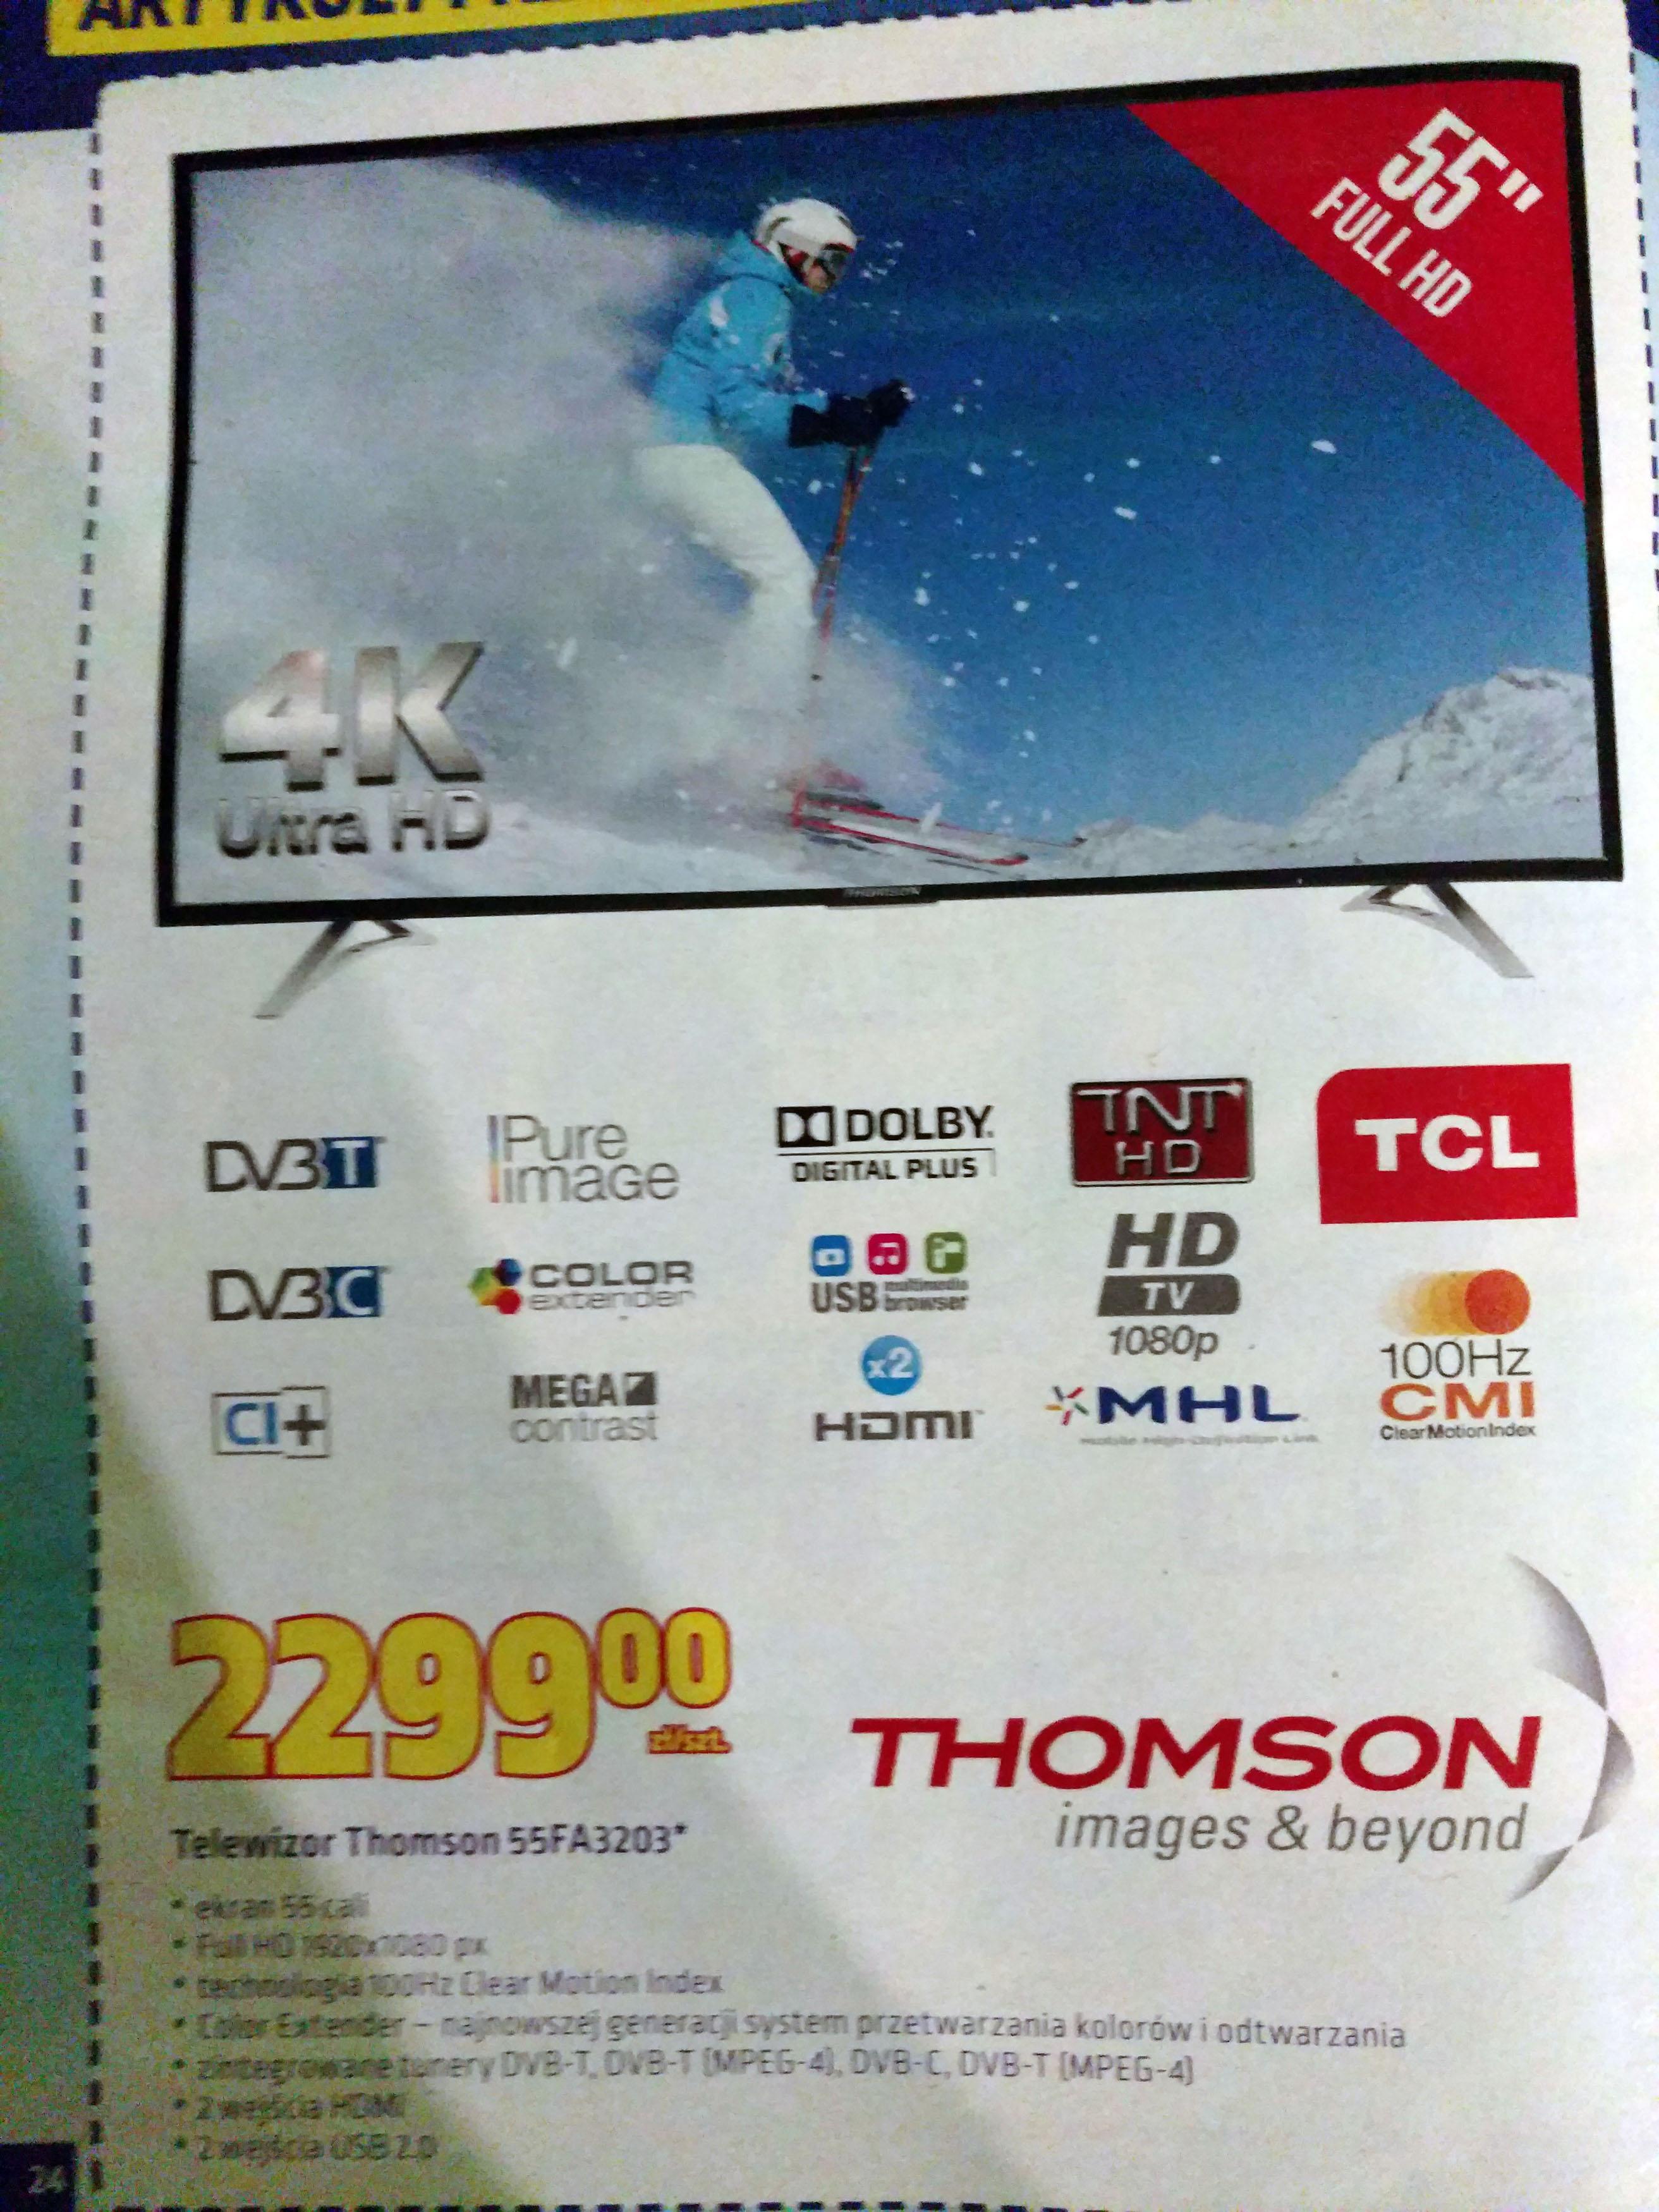 Telewizor Thomson 55FA3203 za 2299zł @ Biedronka